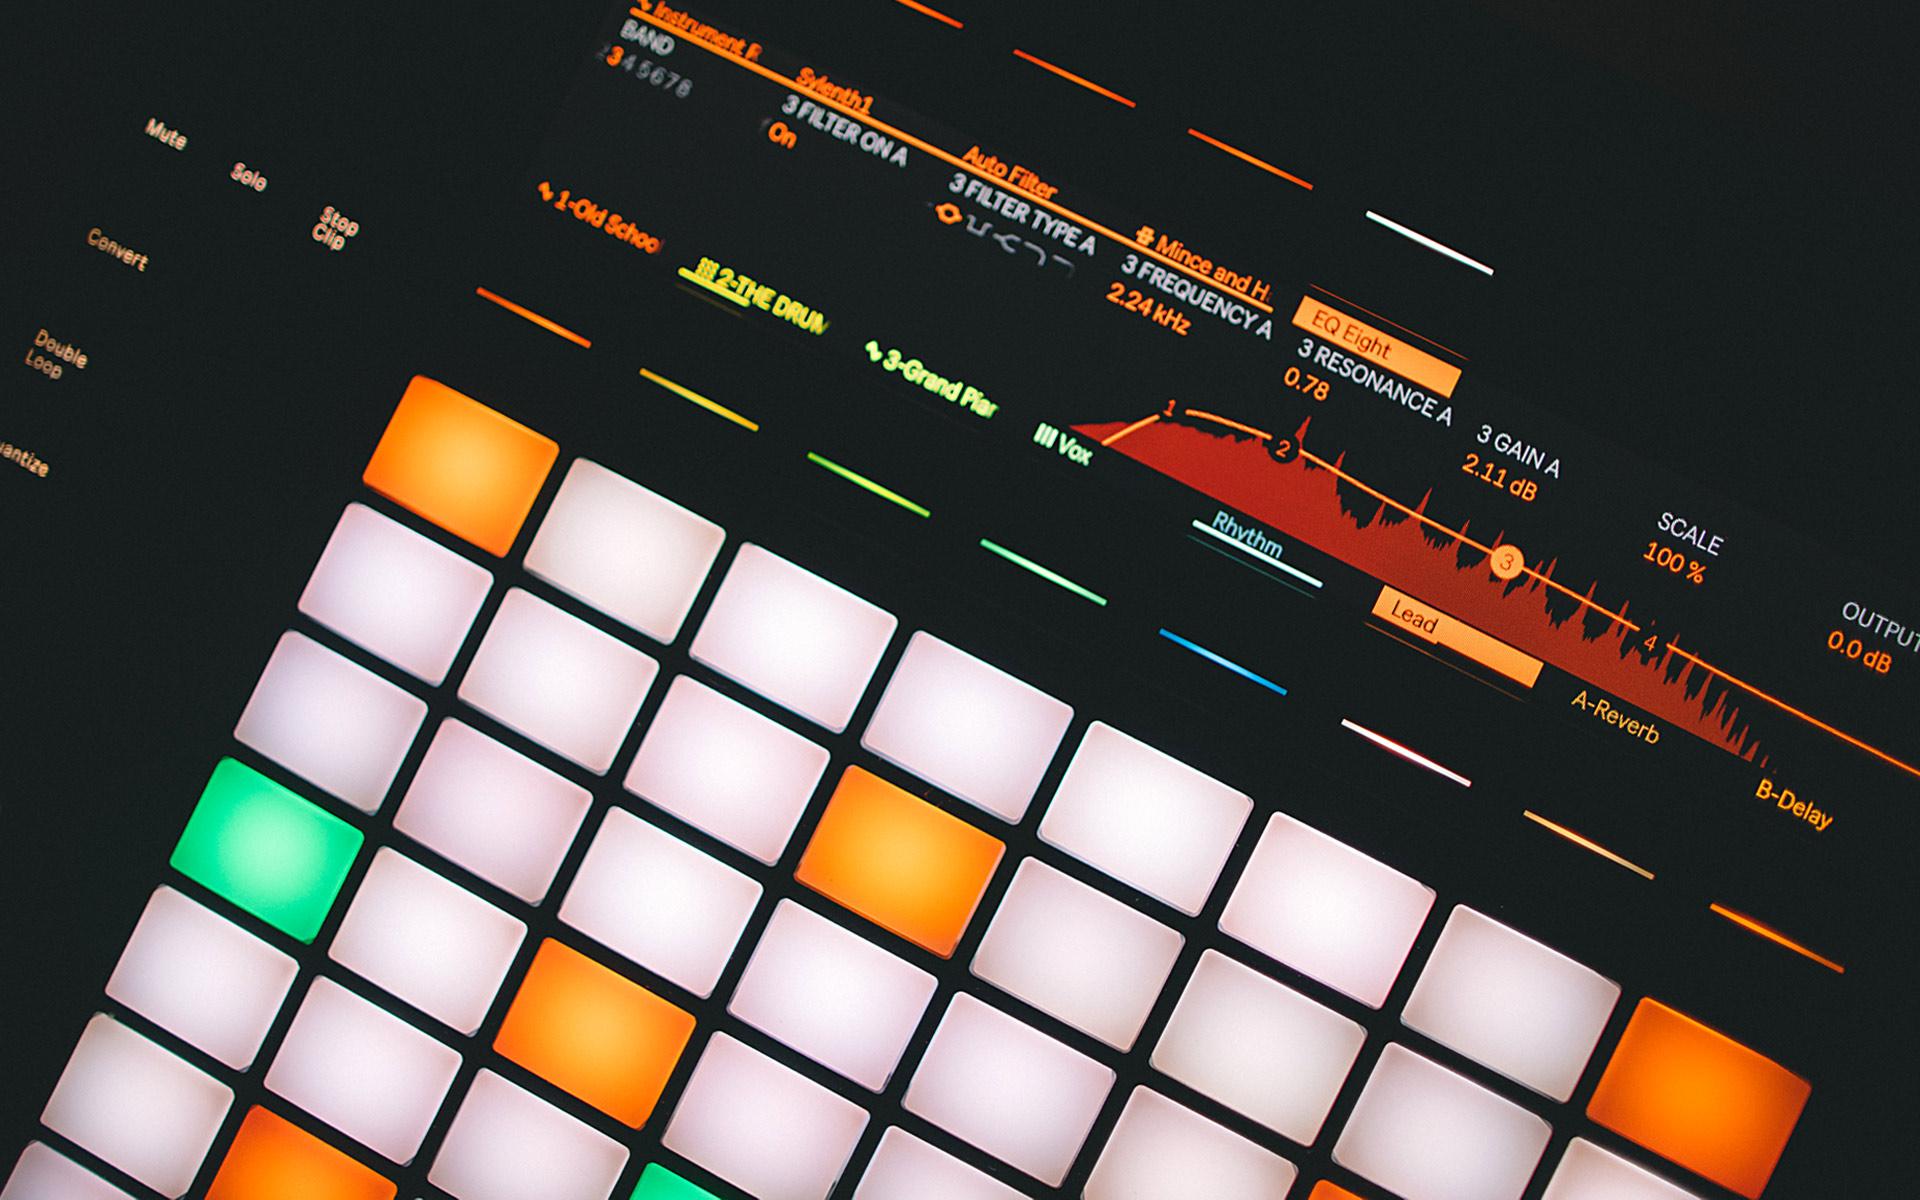 Ableton Drum Rack in 5 Minutes